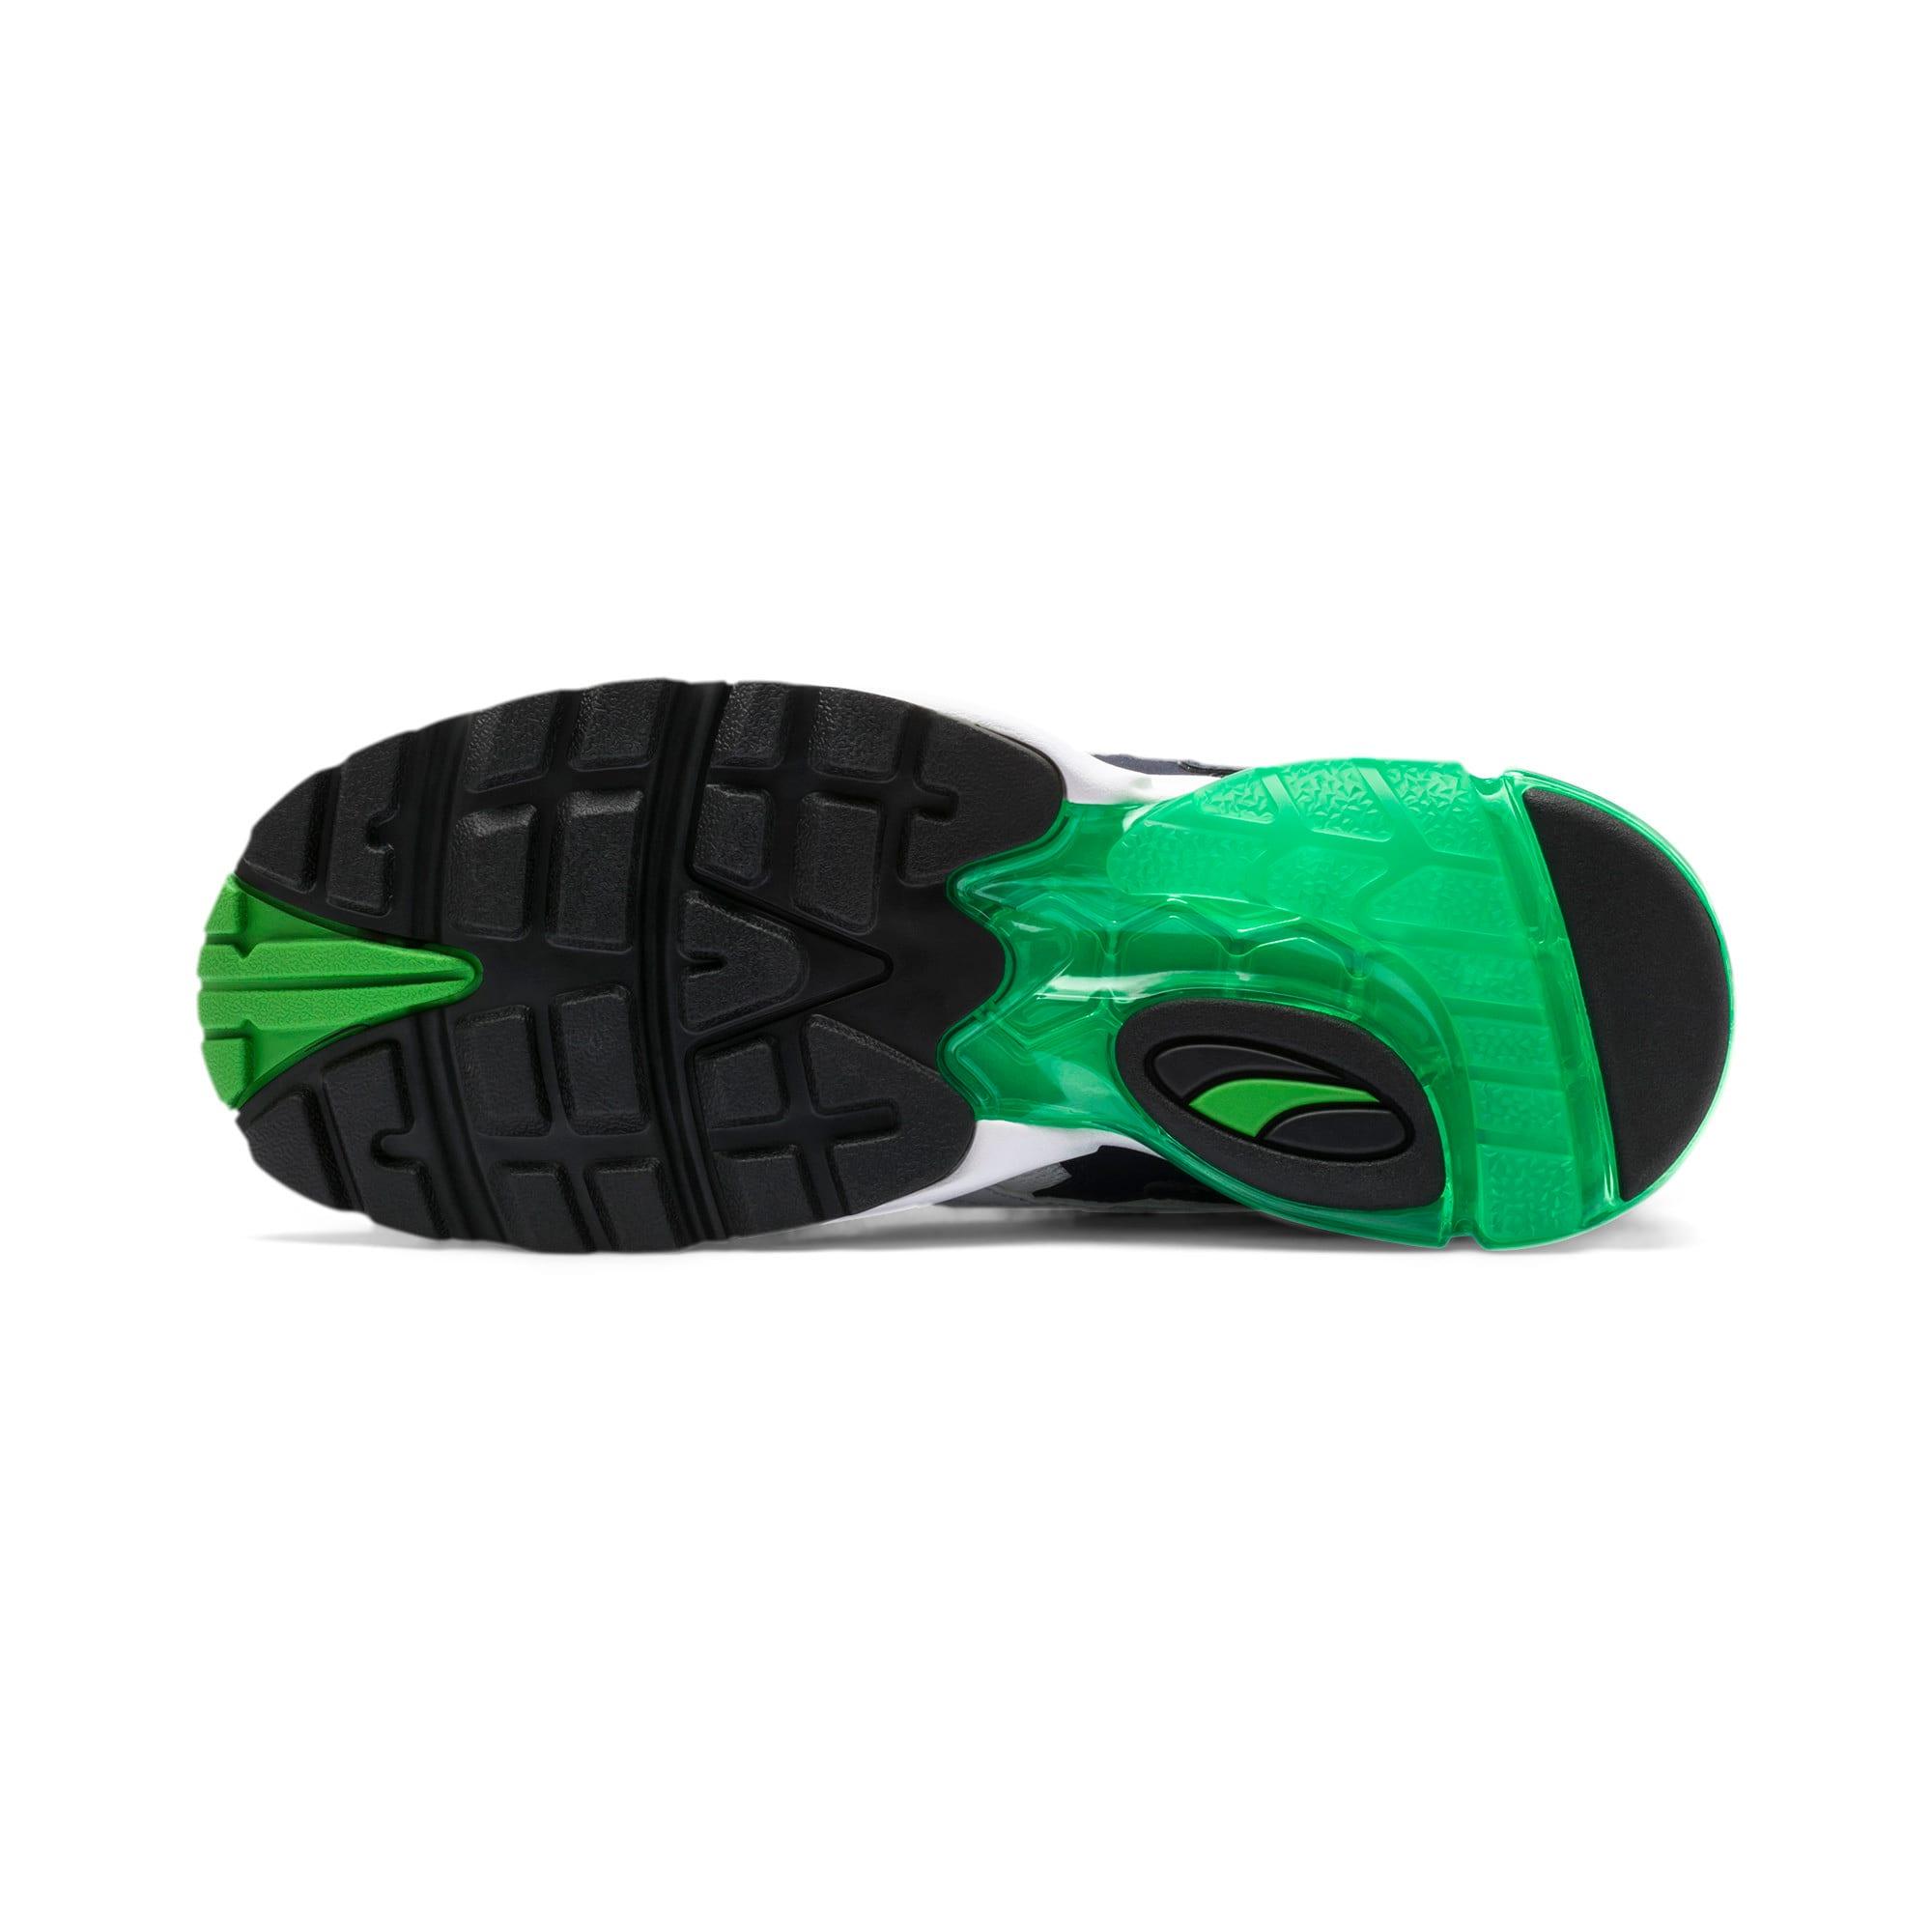 Thumbnail 5 of Scarpe da ginnastica CELL Alien OG, Peacoat-Classic Green, medium